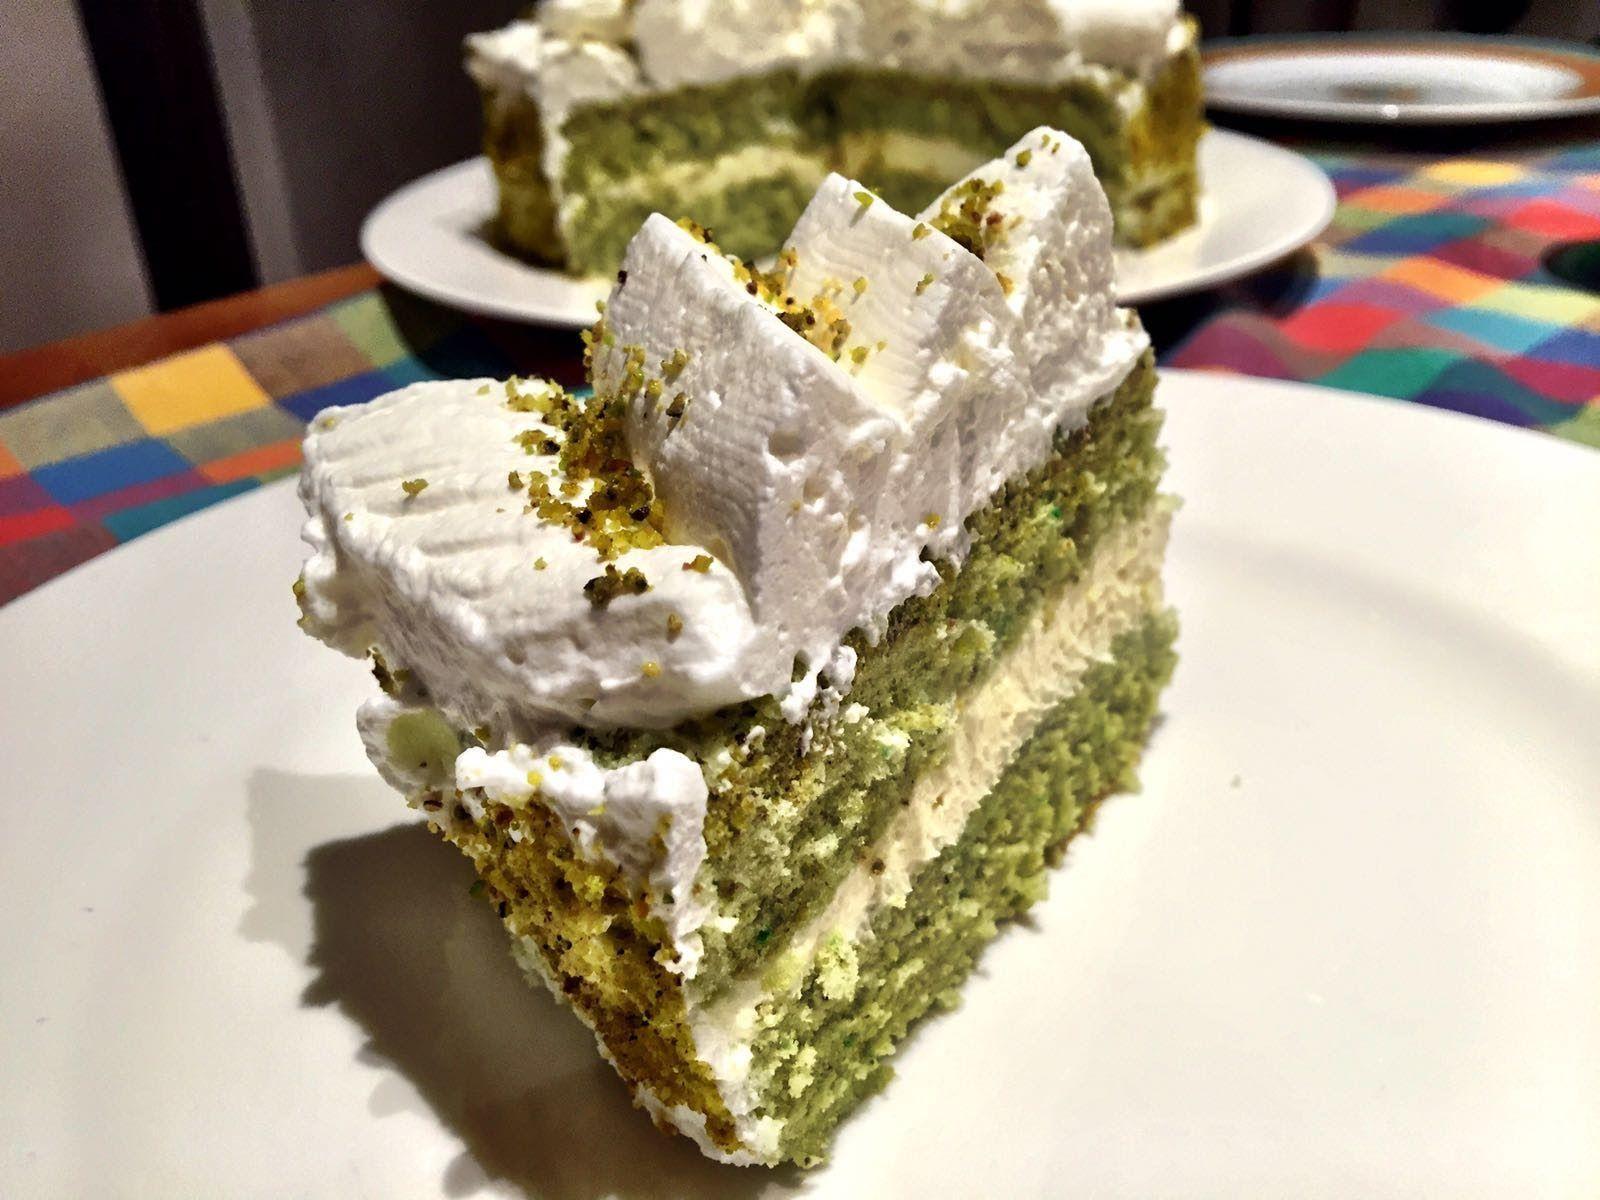 Naked Cake Torta Nuda Dolce Farcito con Impasto 4/4 La